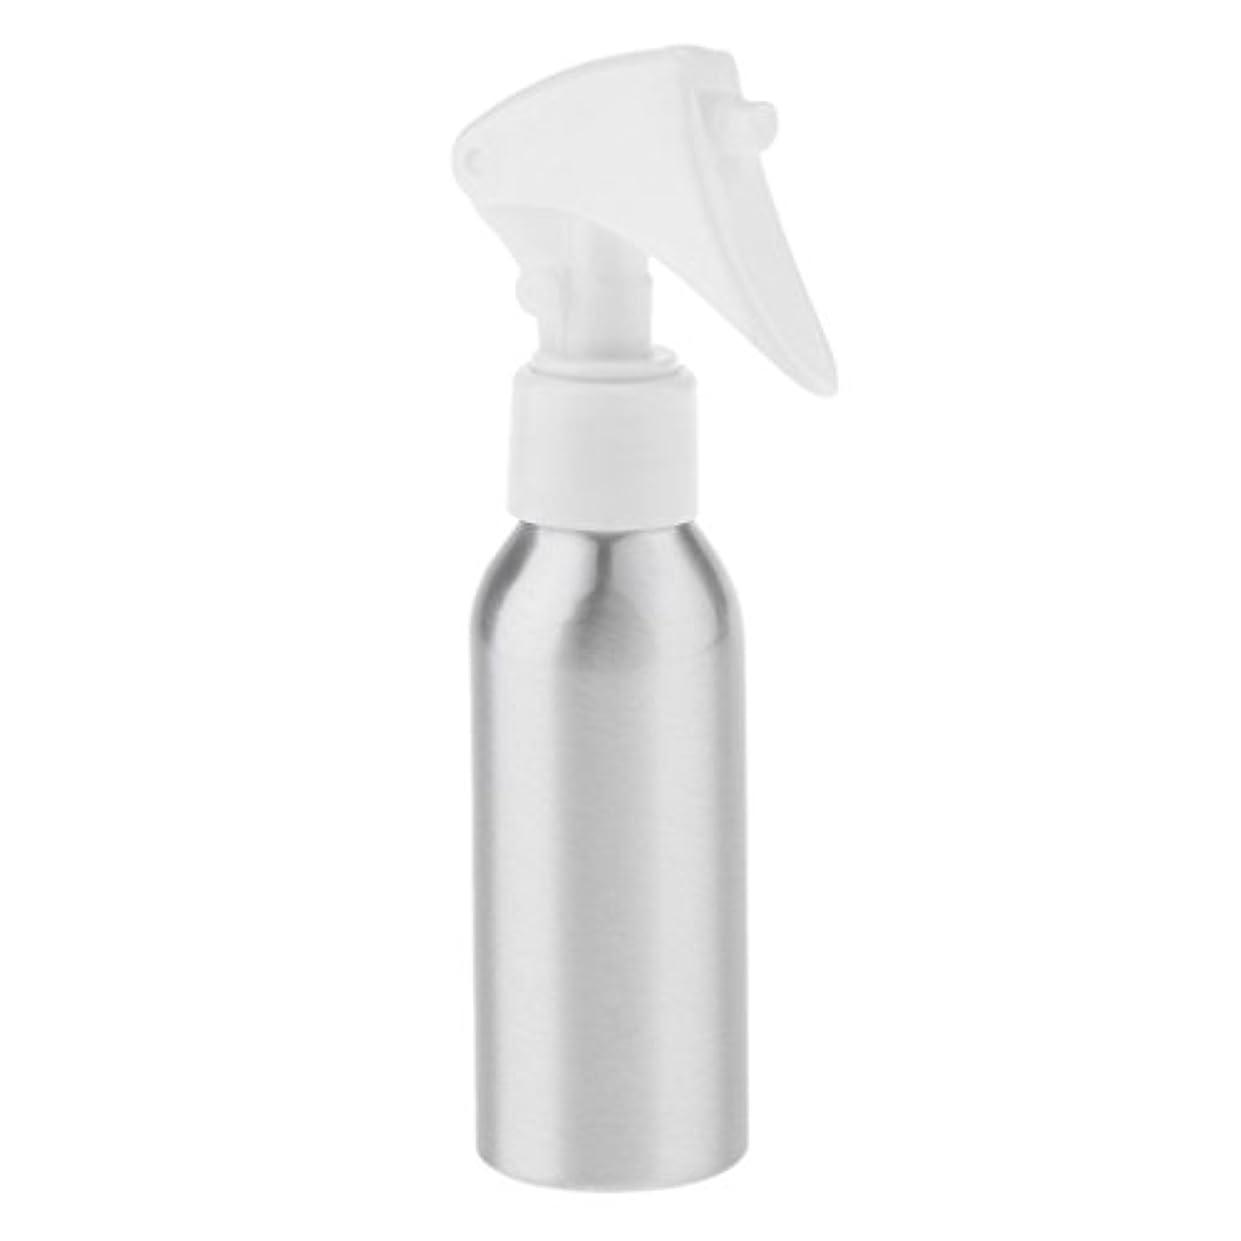 観光に行く研究所想像力スプレーボトル スプレーポンプ ポンプボトル 噴霧器 香水ボトル 多機能 便利 6サイズ選択 - 120ML